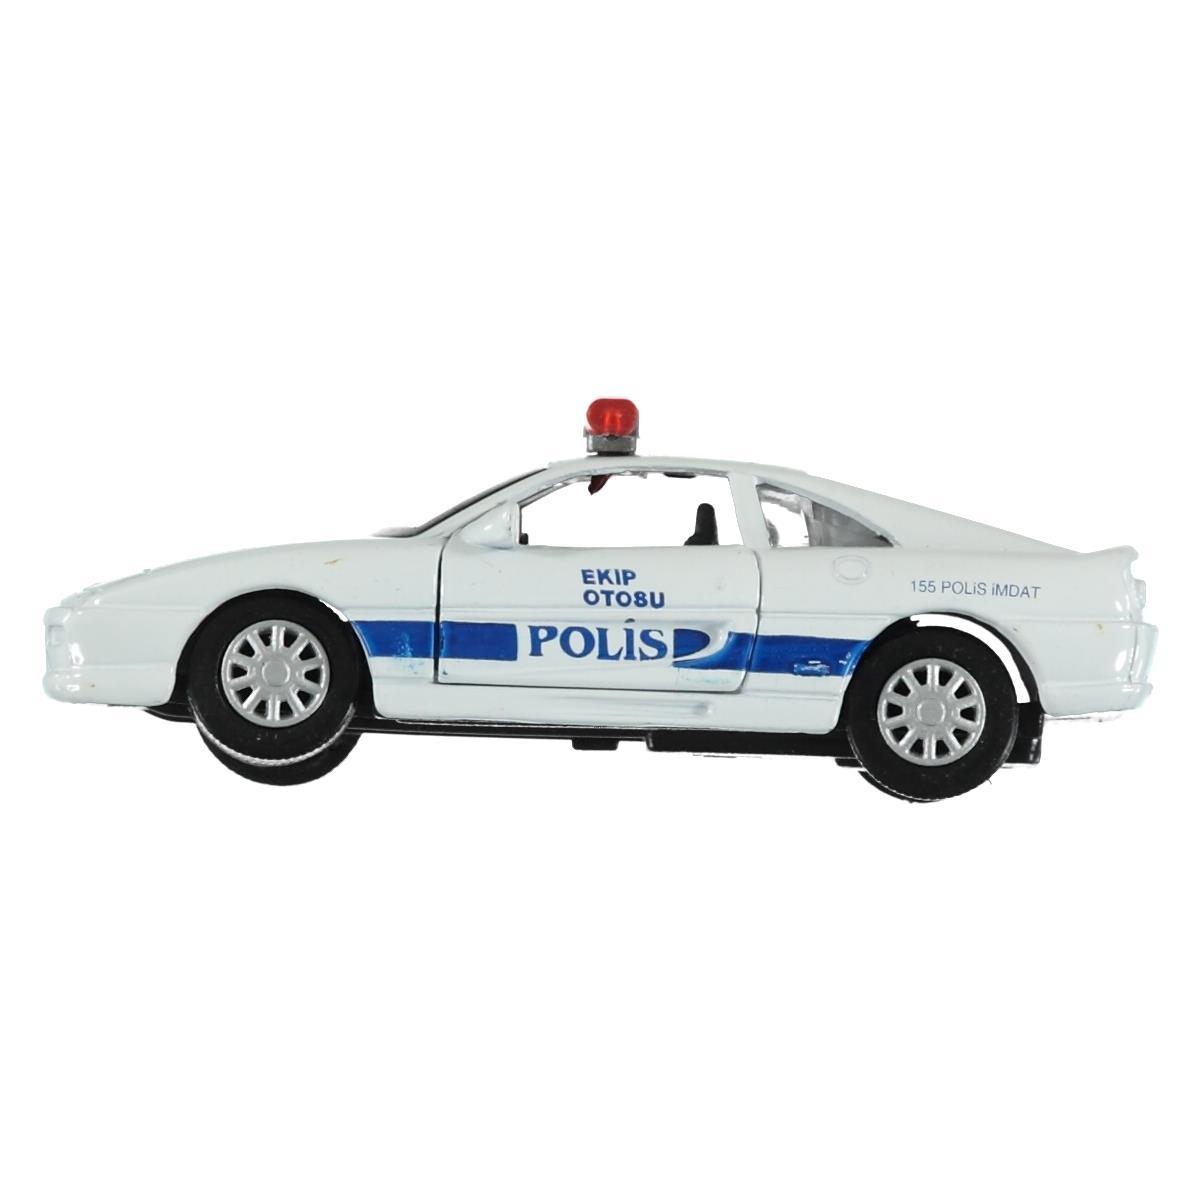 Birlik Oyuncak Fy3322p 12d Birlik Oyuncak çek Bırak Metal Polis Arabası